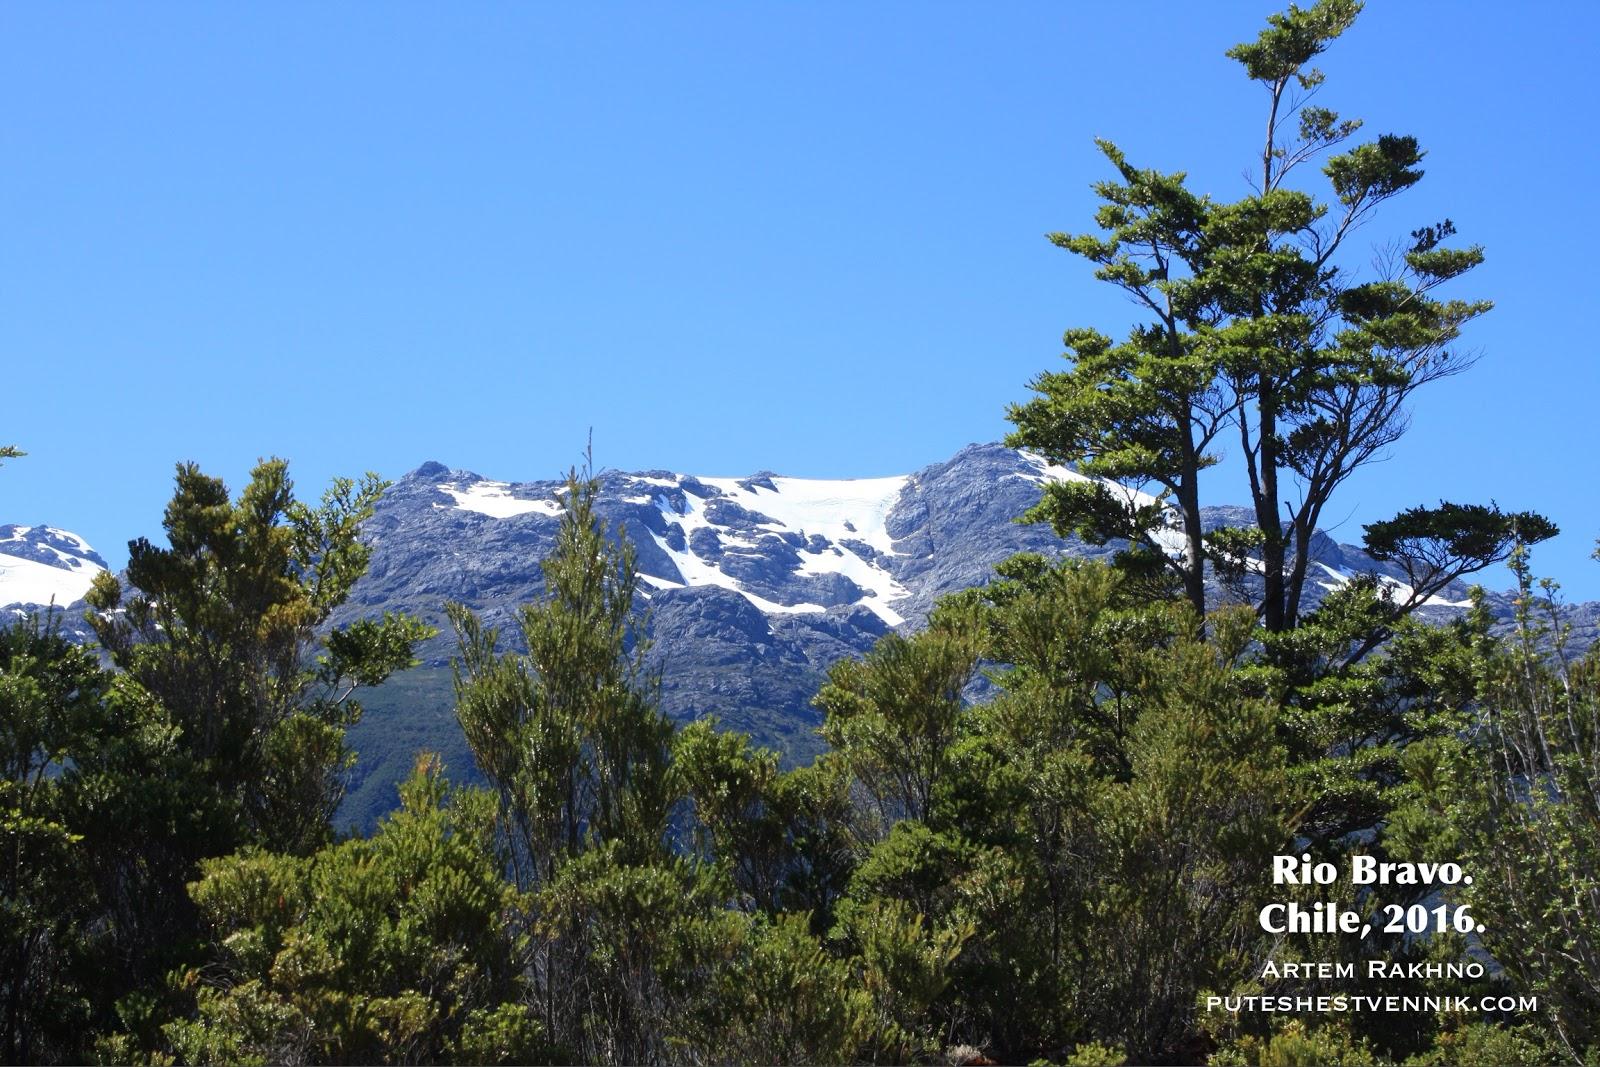 Лес и горы со снегом